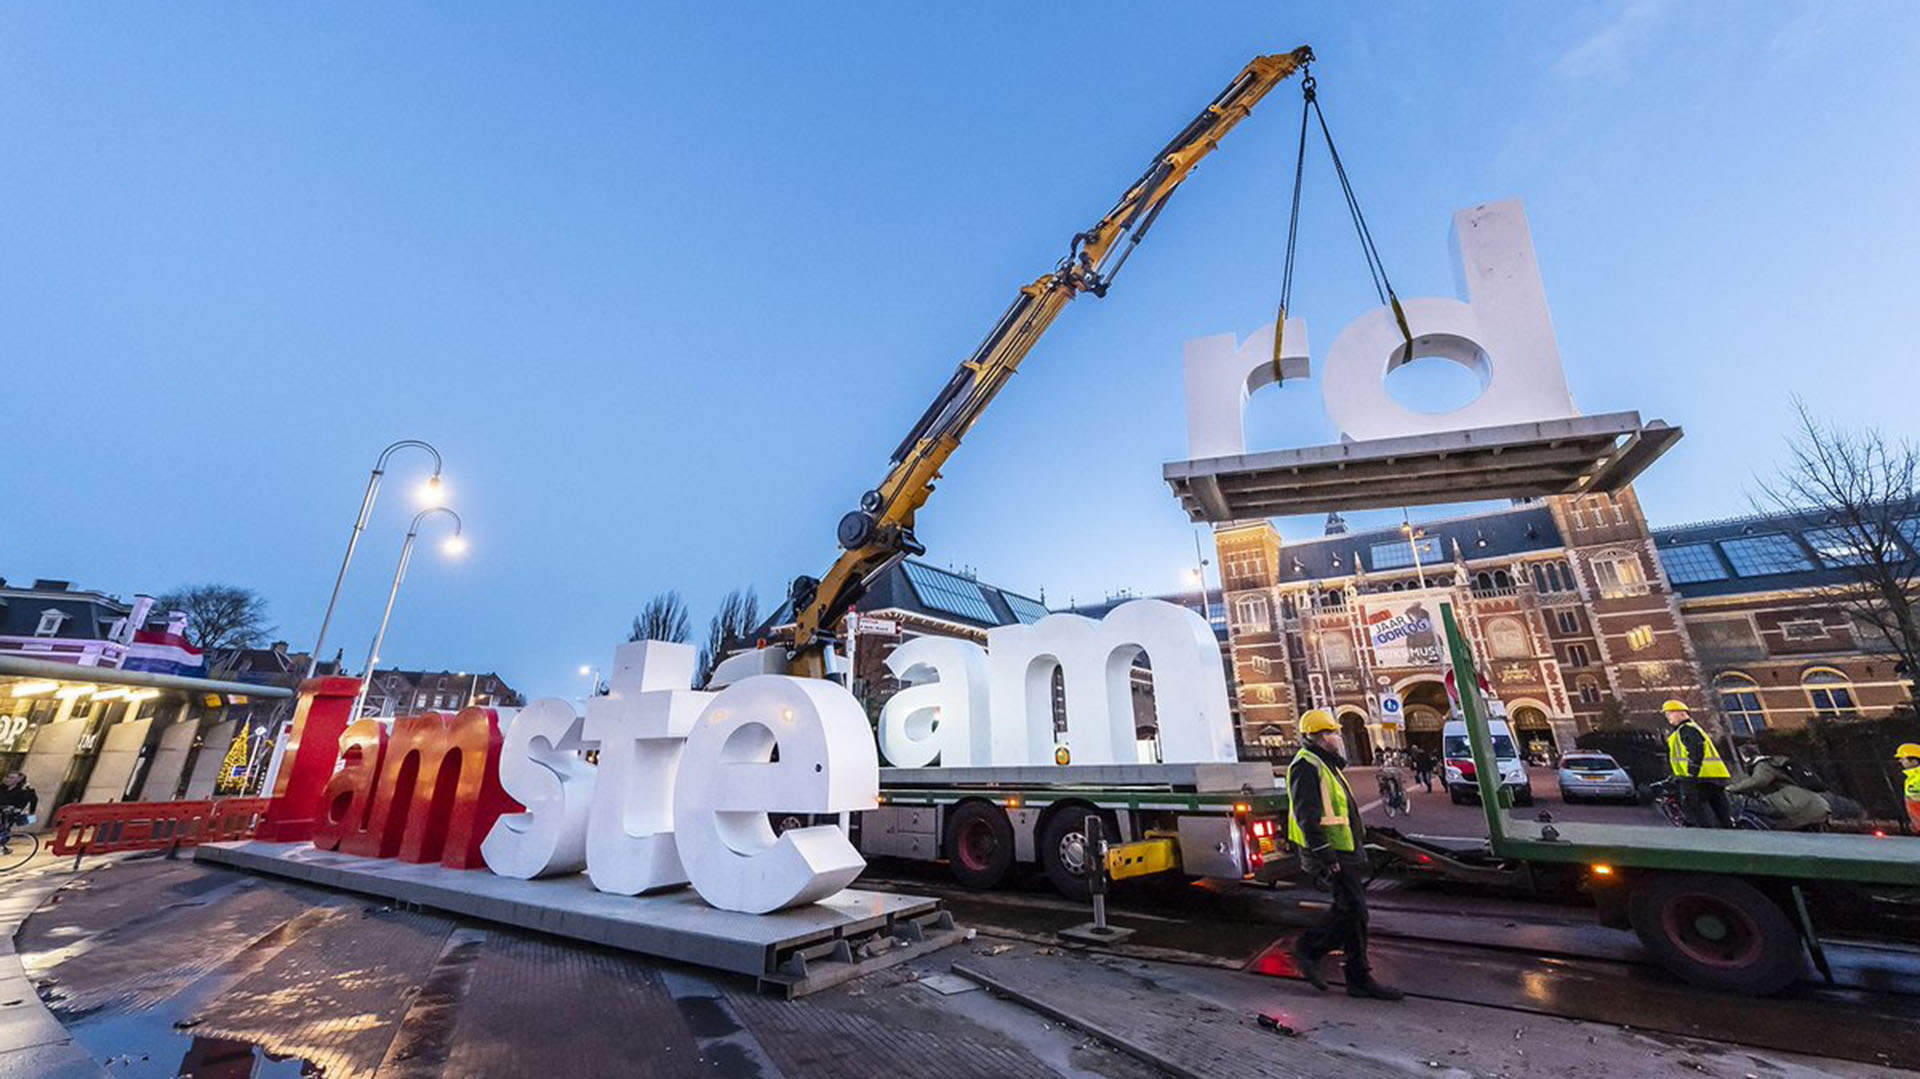 """El cartel de """"I Amsterdam"""" frente al Rijksmuseum en el que los turistas se sacaban fotos fue desarmado hace pocos días. (@SEETITYOOURSELF)"""